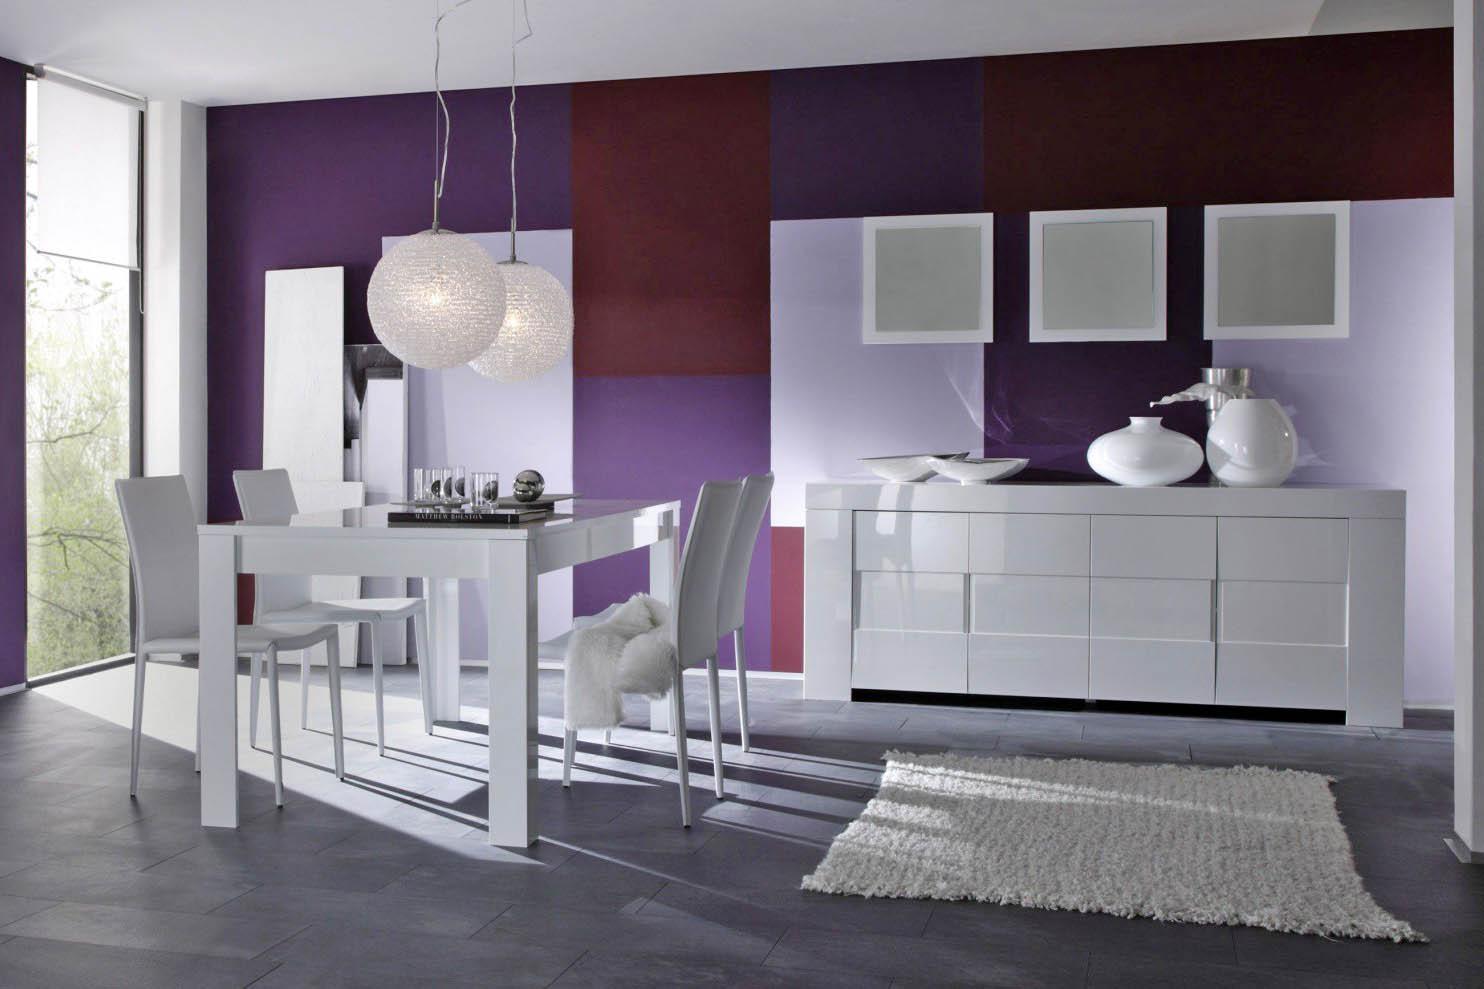 meubles marseille fr